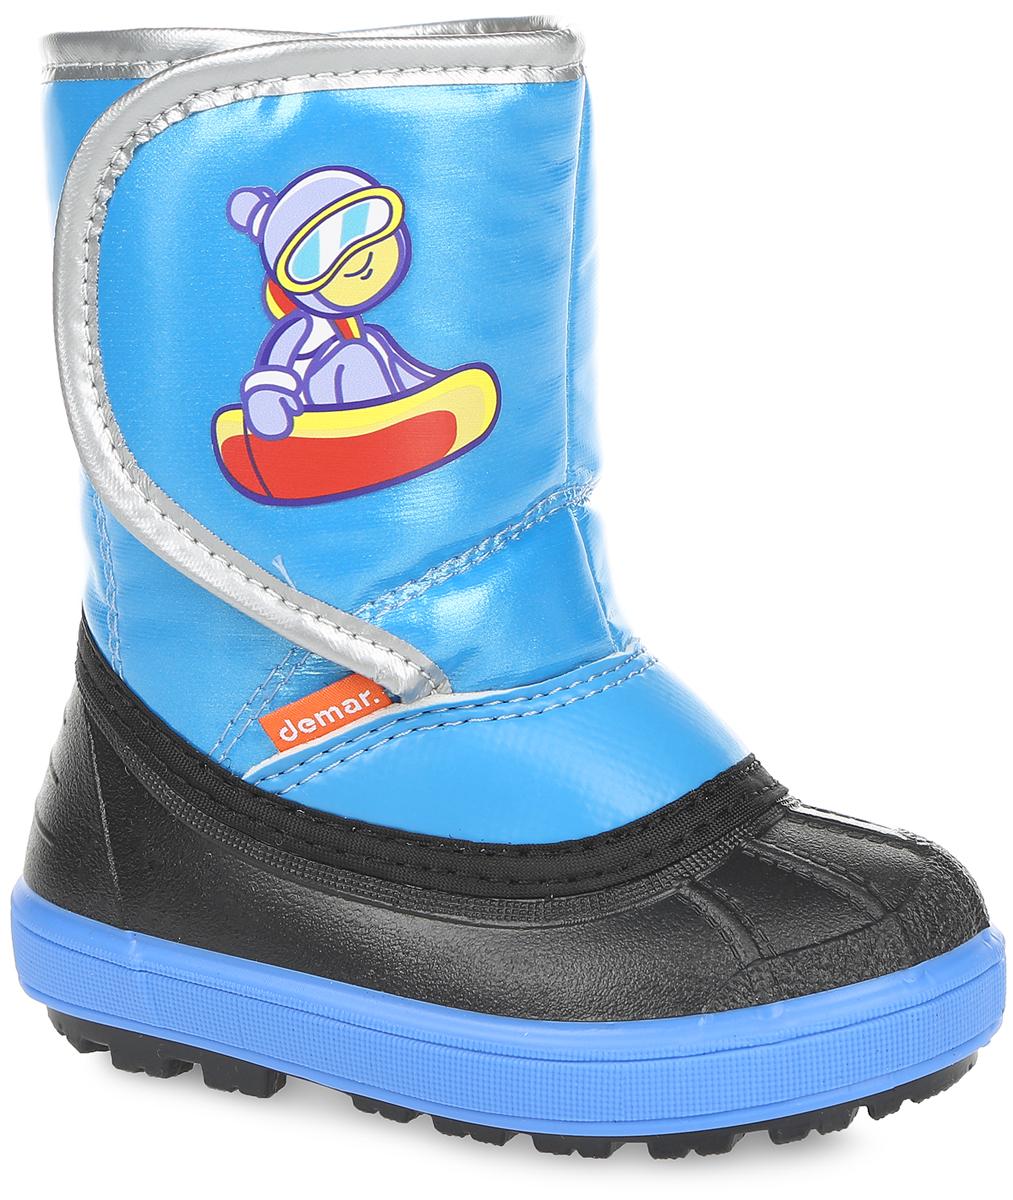 1505Стильные дутики Snowboarder от Demar придутся по вкусу вашему ребенку. Модель выполнена из текстиля и ПВХ. Модель регулируется по обхвату голенища при помощи хлястика на липучке, оформленного оригинальной наклейкой. Главным преимуществом является наличие съемного носка из натуральной шерсти, который можно вынуть и легко просушить. Подошва с рельефным протектором обеспечит отличное сцепление с любыми поверхностями. Удобные дутики - необходимая вещь в гардеробе вашего ребенка.